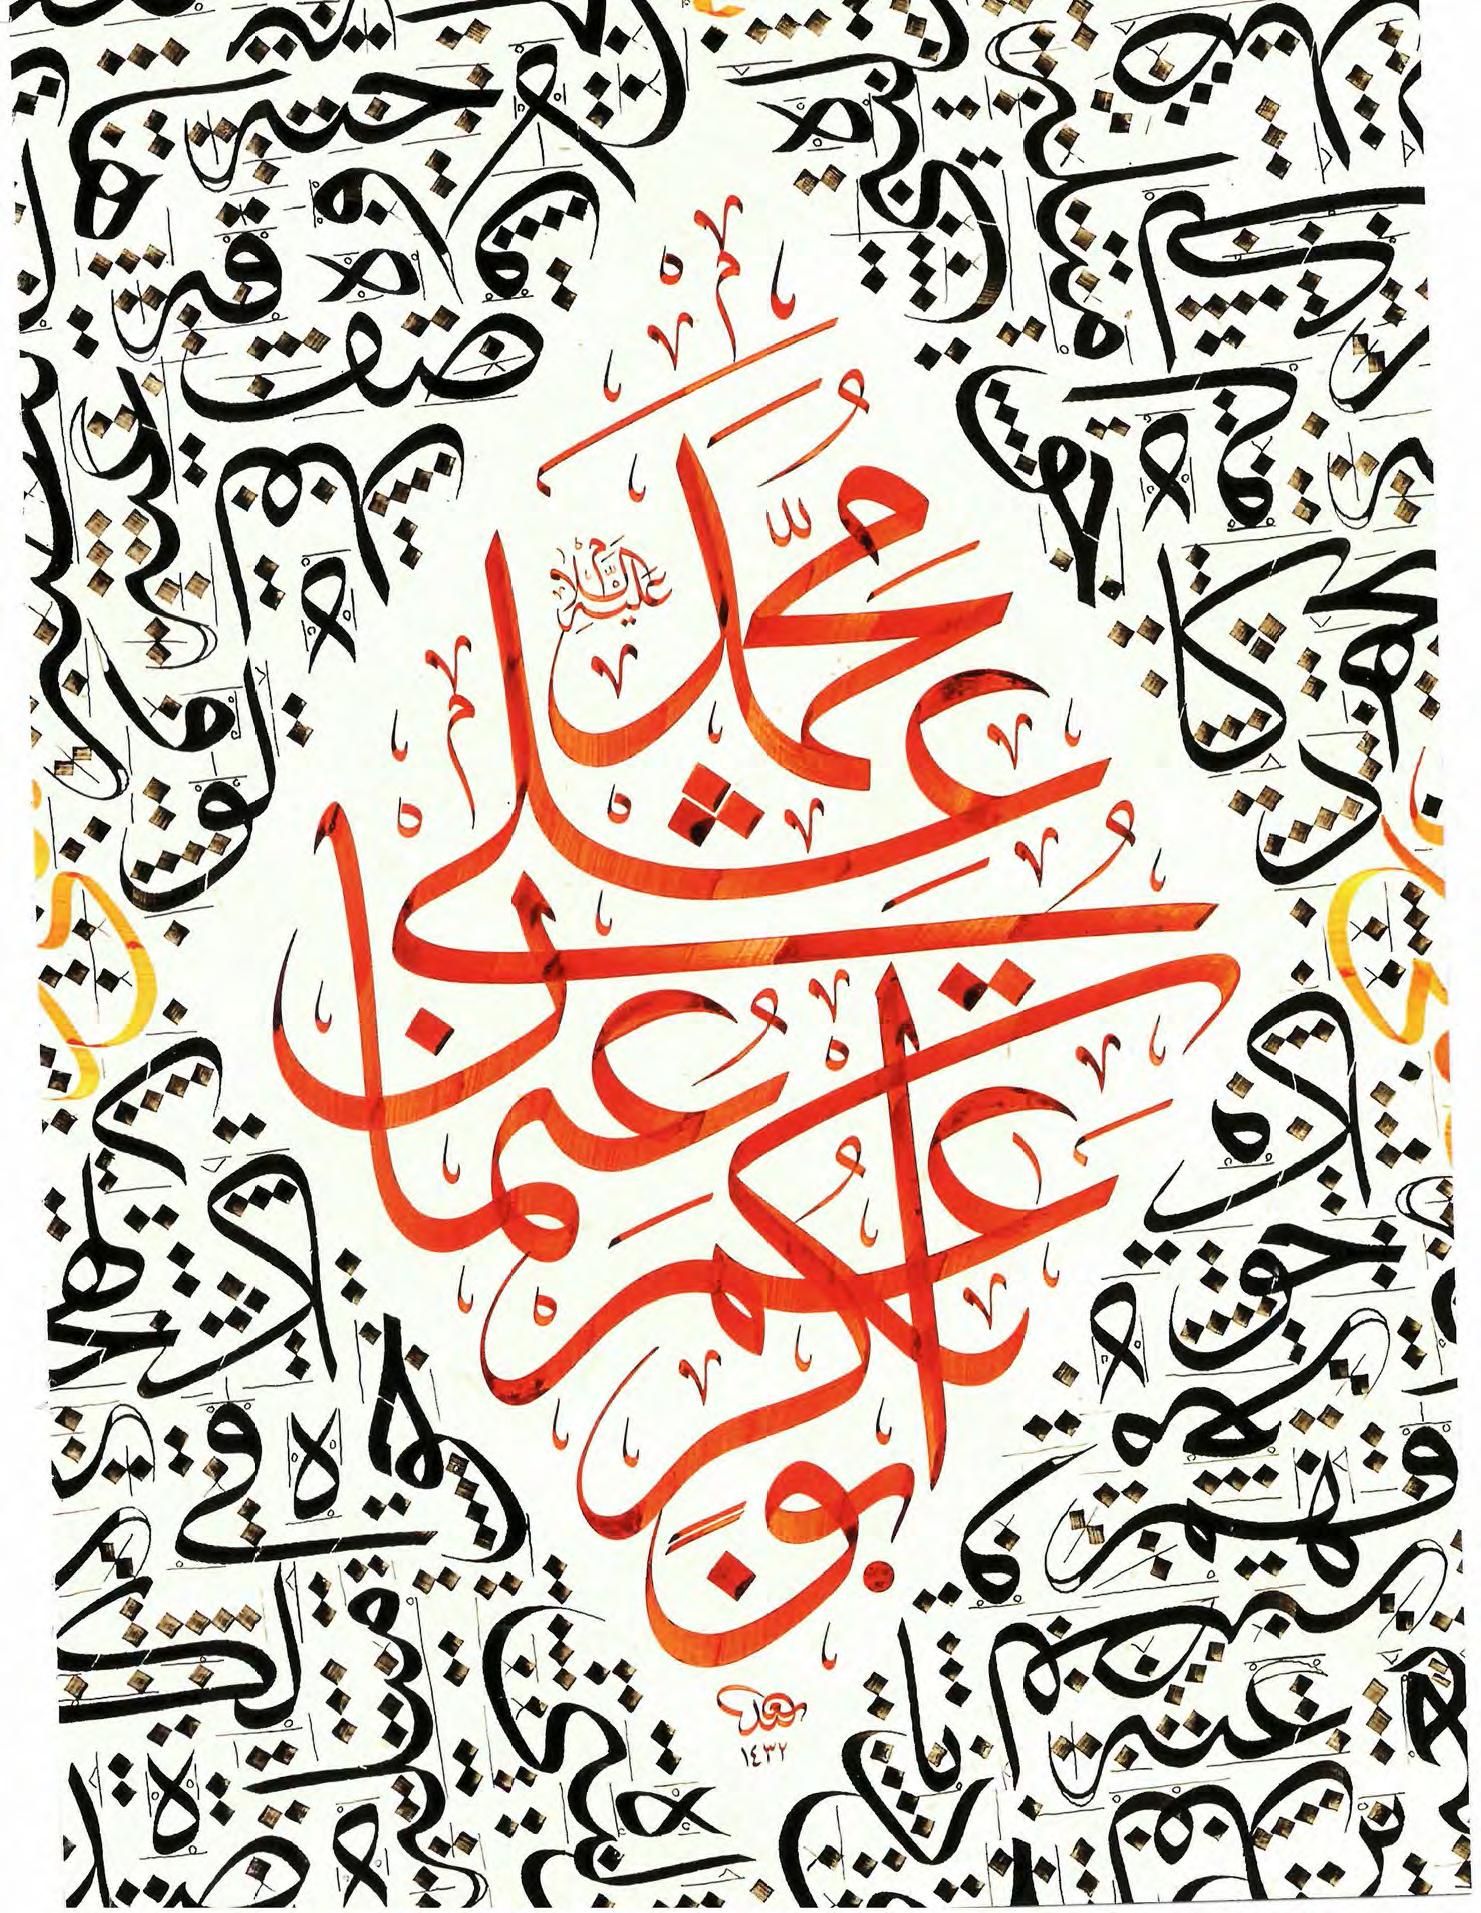 Hilye-i Serif in der islamischen Kalligraphie